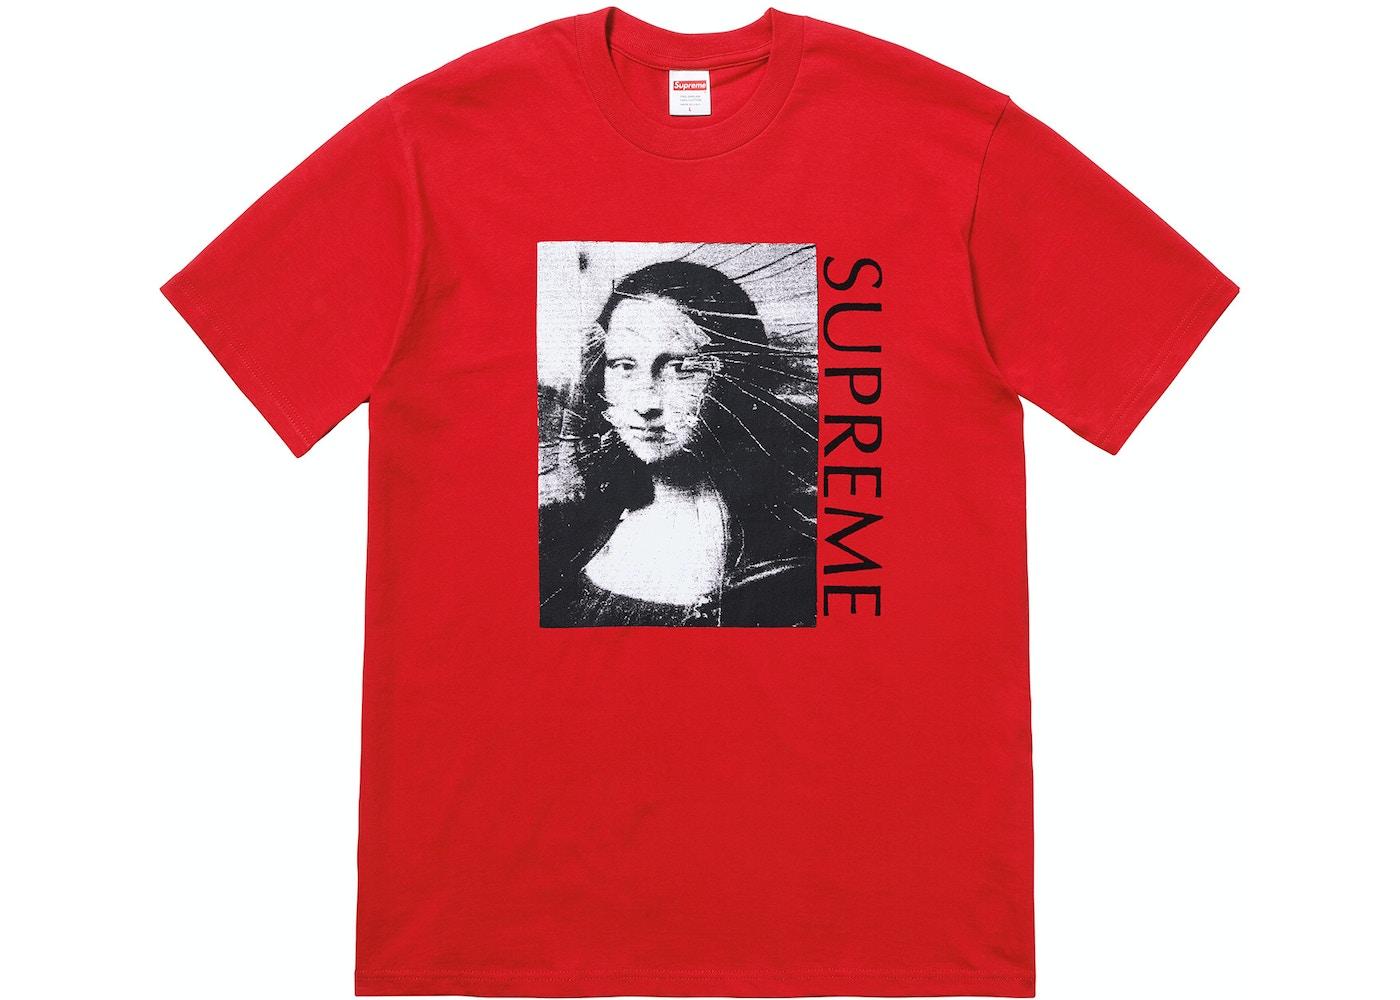 7219a1c02145 Supreme Mona Lisa Tee Red - SS18